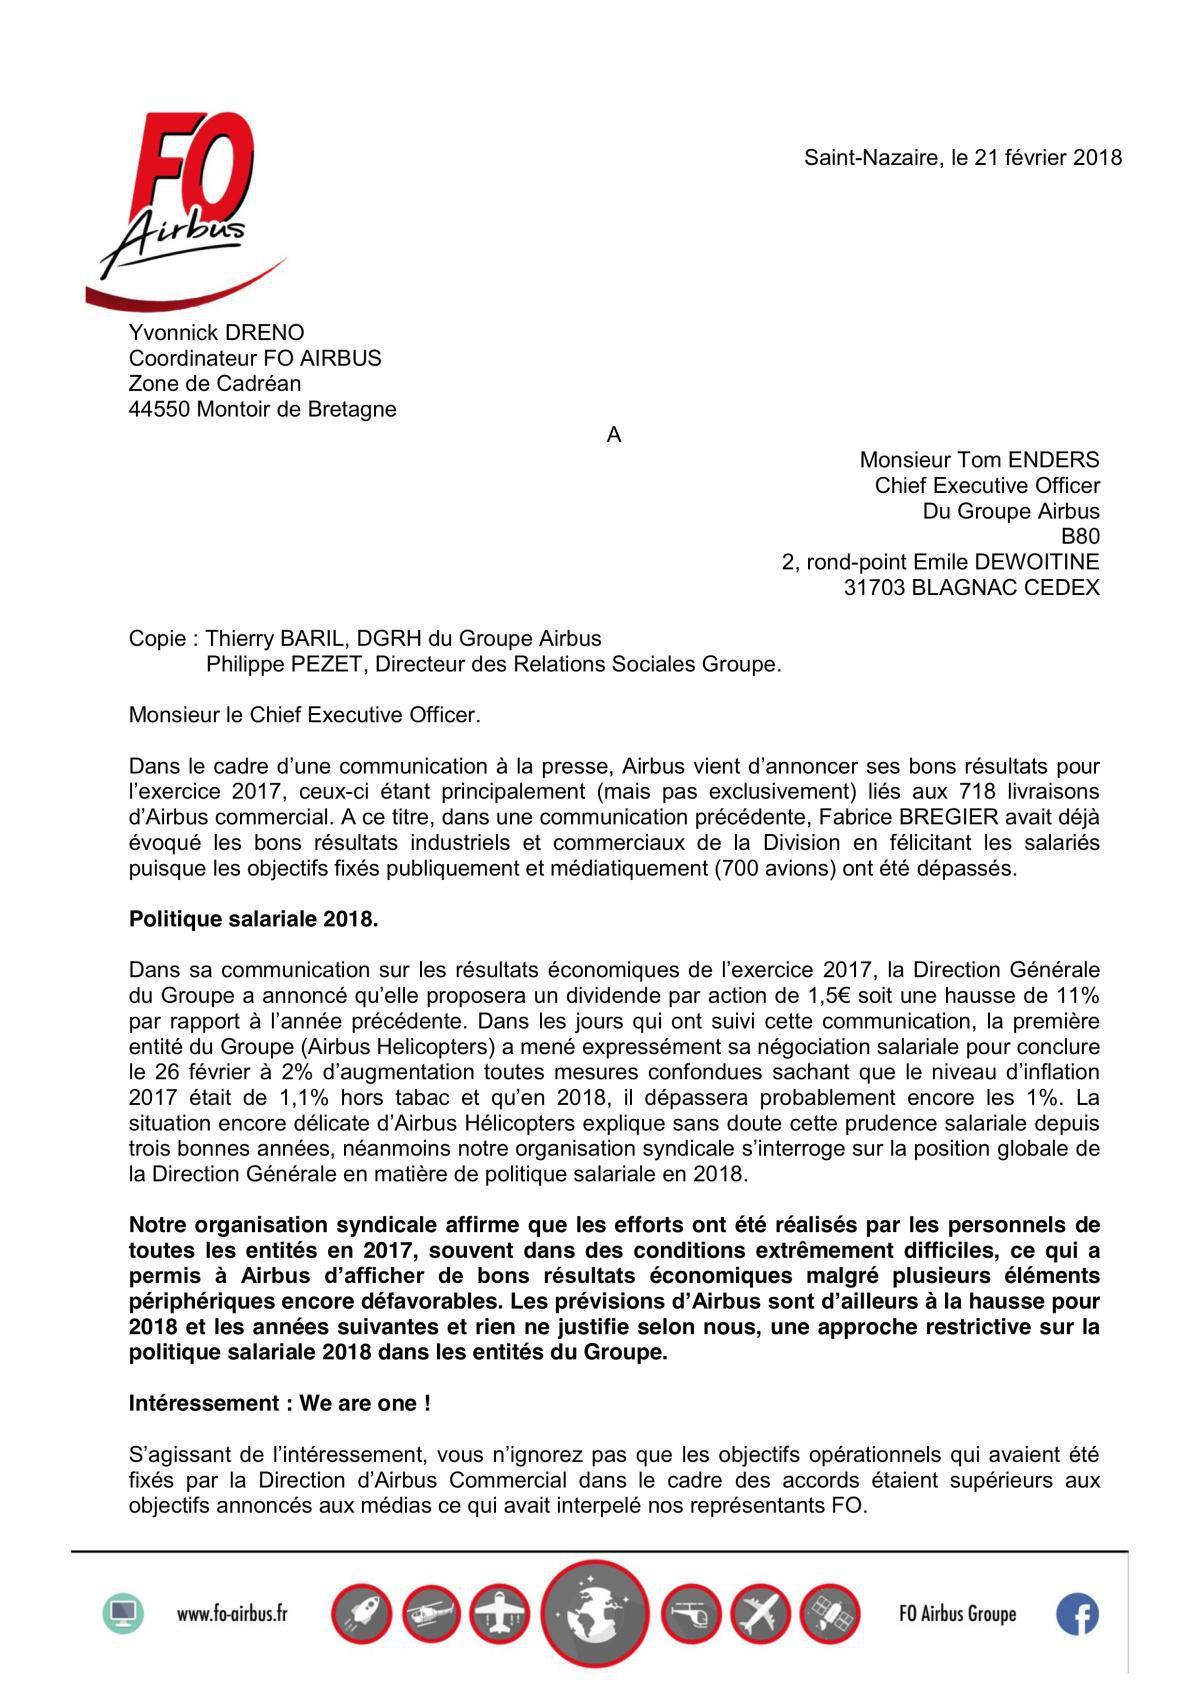 Salaires et Intéressement 2018 - Lettre à T. Enders